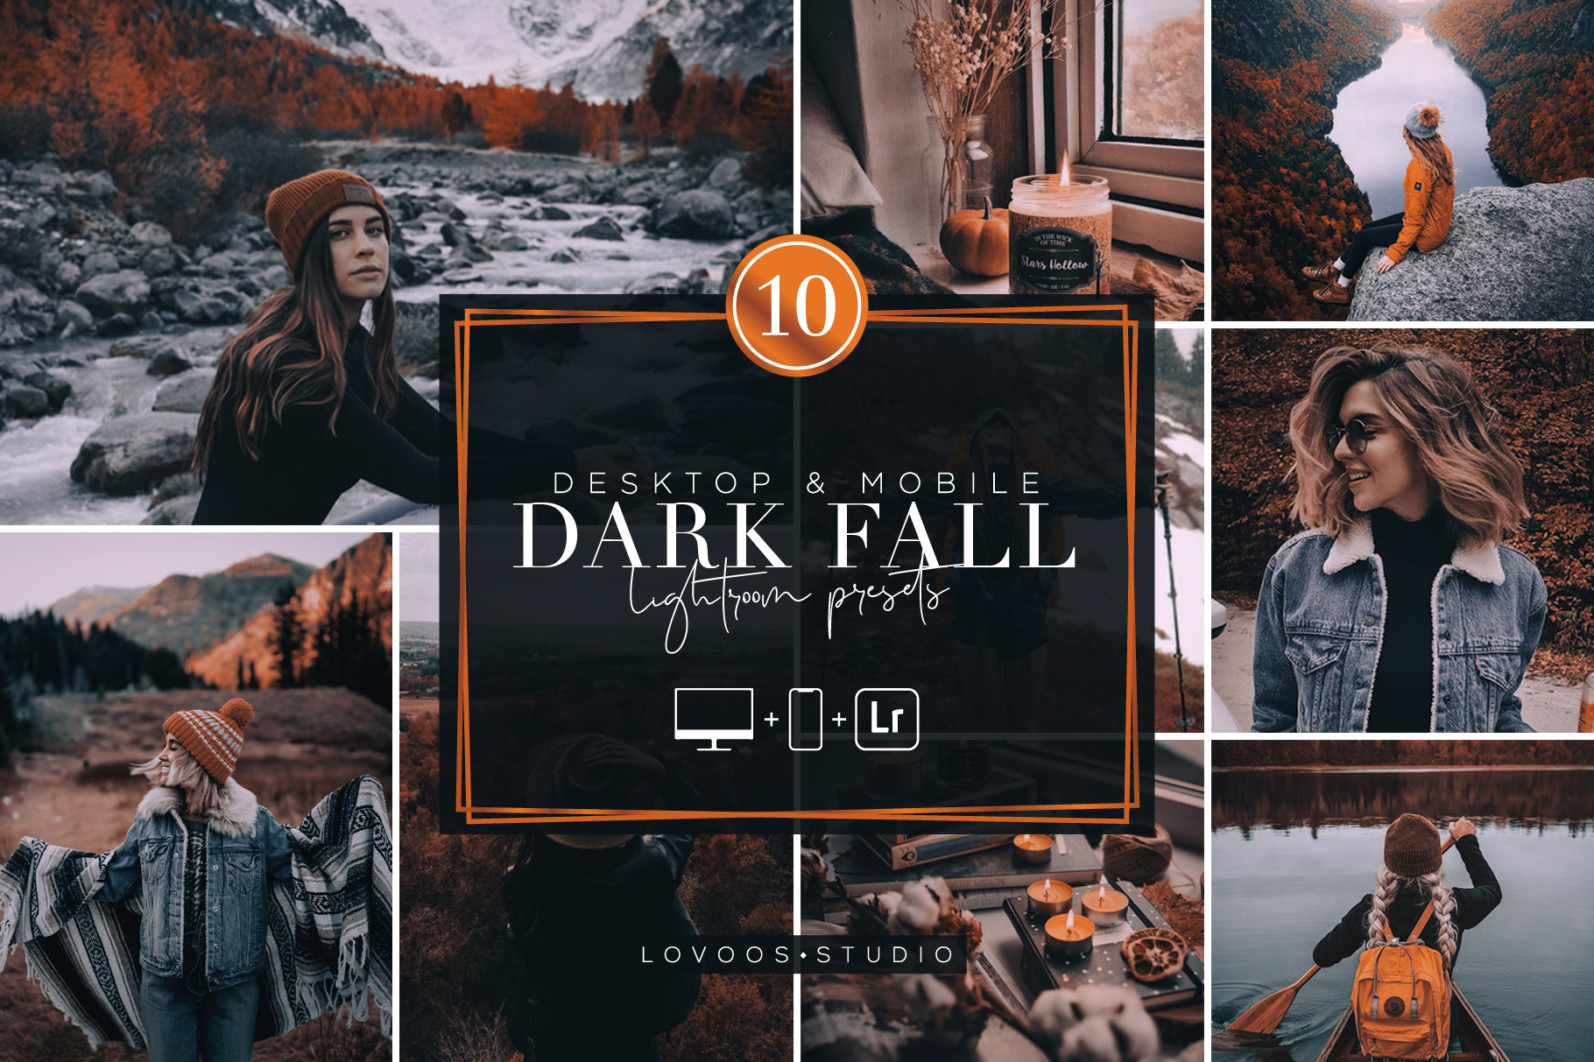 DARK FALL - Lightroom Presets - COV 09 -